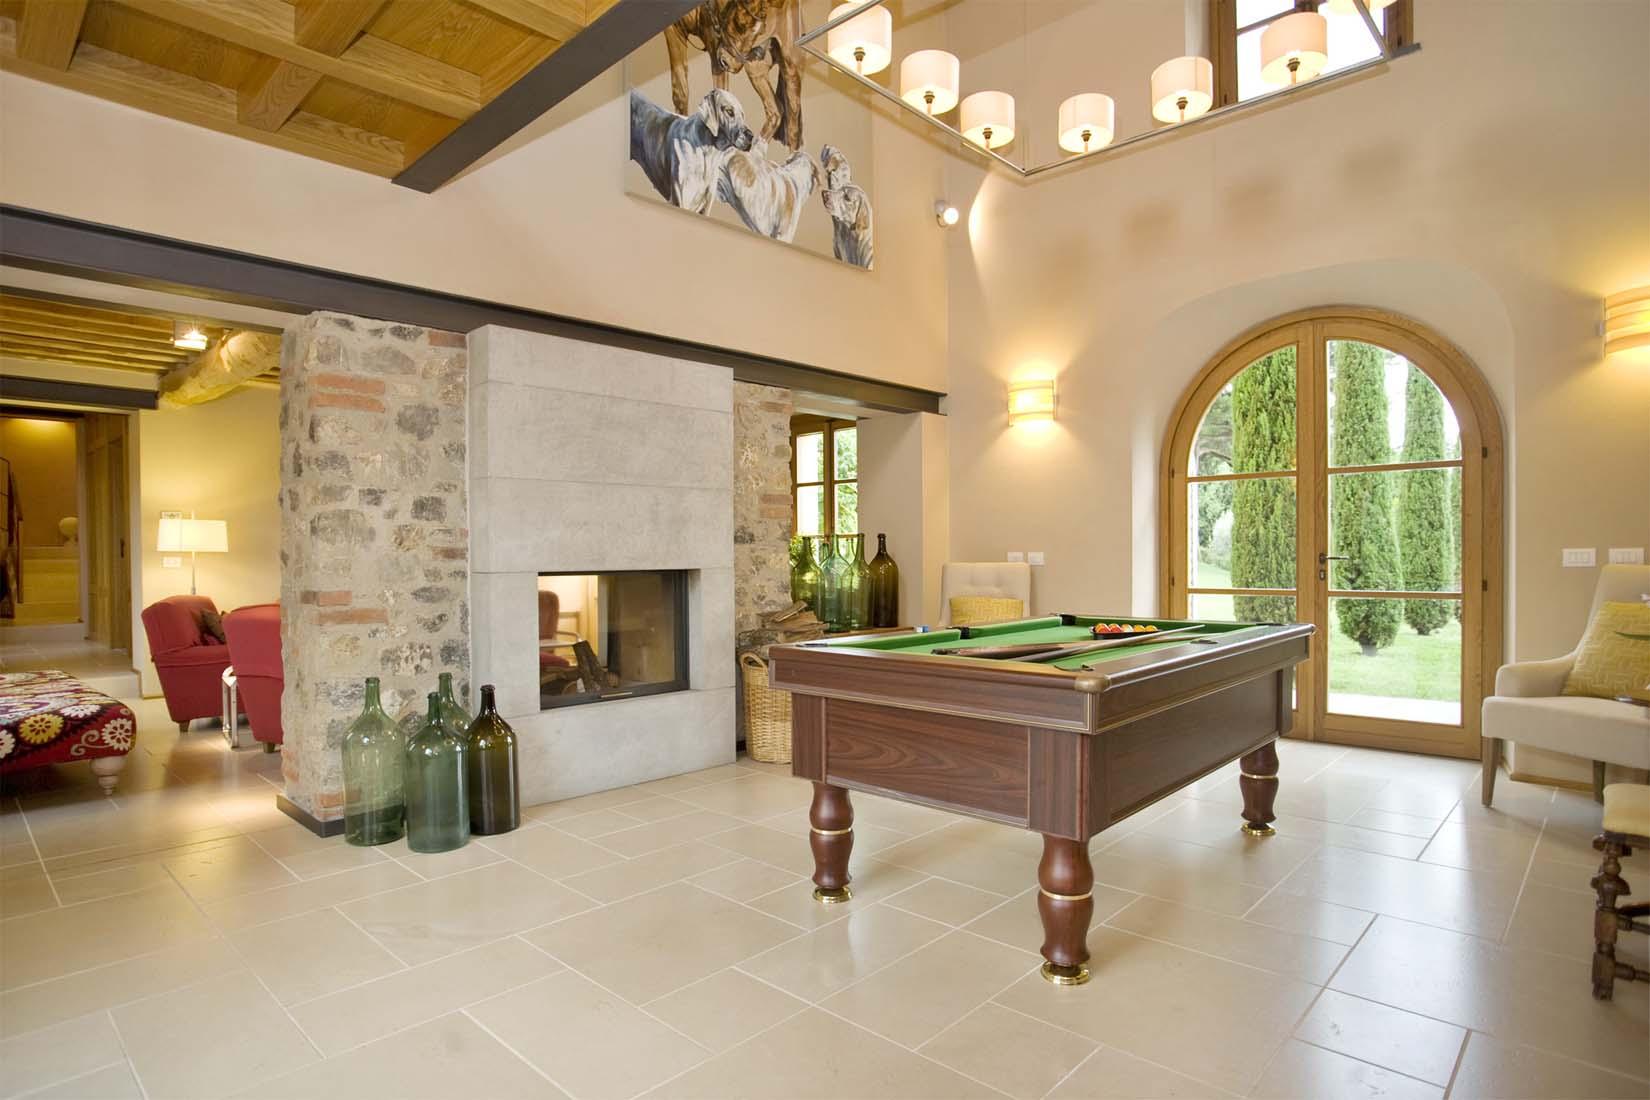 Location toscane maison la corte malgiacca en location en for Living room ideas villa